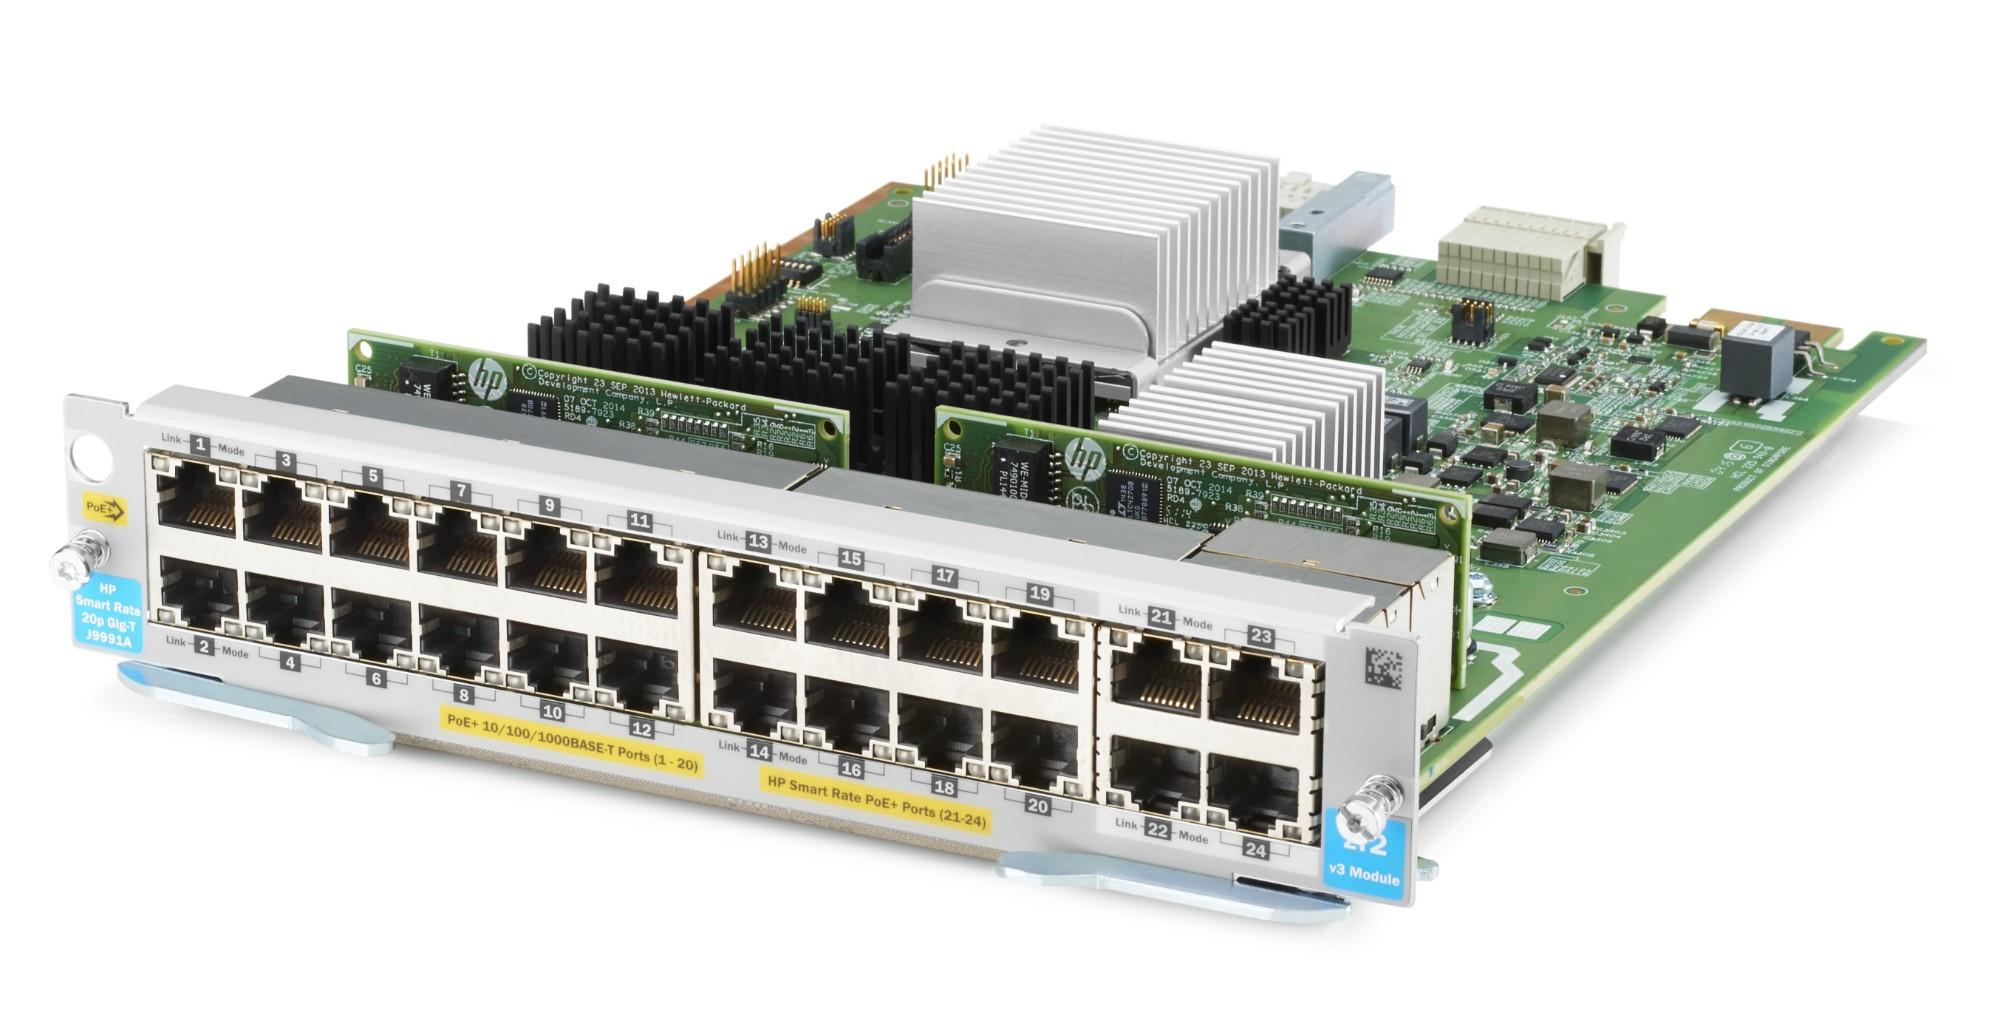 Hewlett Packard Enterprise 20-port 10/100/1000BASE-T PoE+ / 4-port 1/2.5/5/10GBASE-T PoE+ MACsec v3 zl2 network switch module